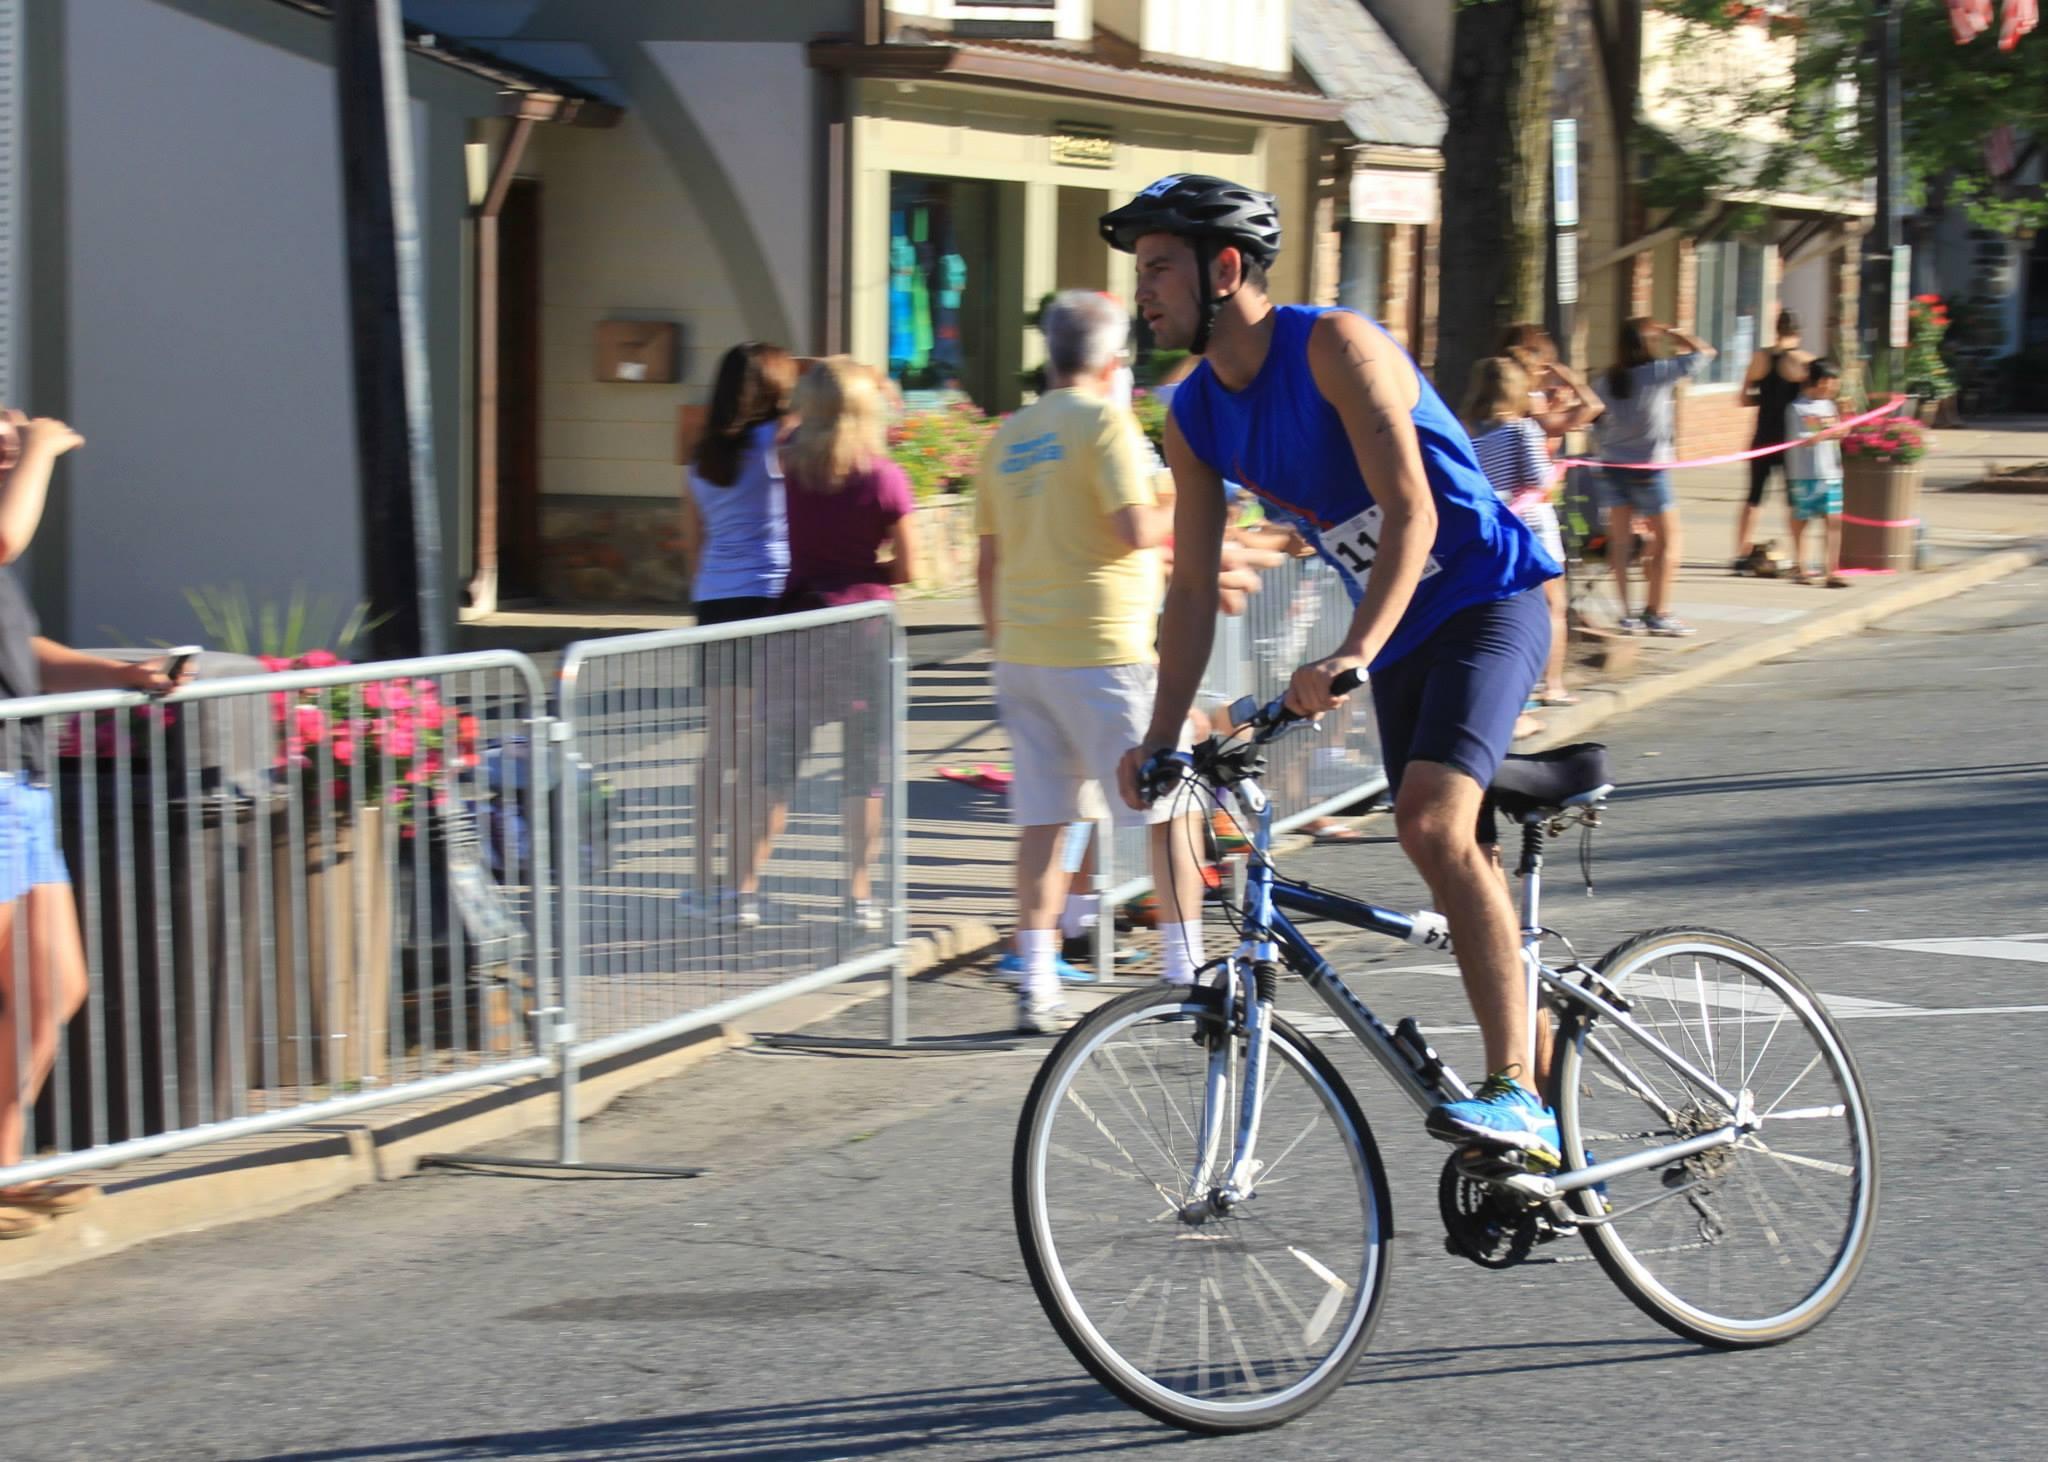 80acd8012a00419da3d5_Tri_2015_Bike_Winner_Brian_Ubhaus.jpg